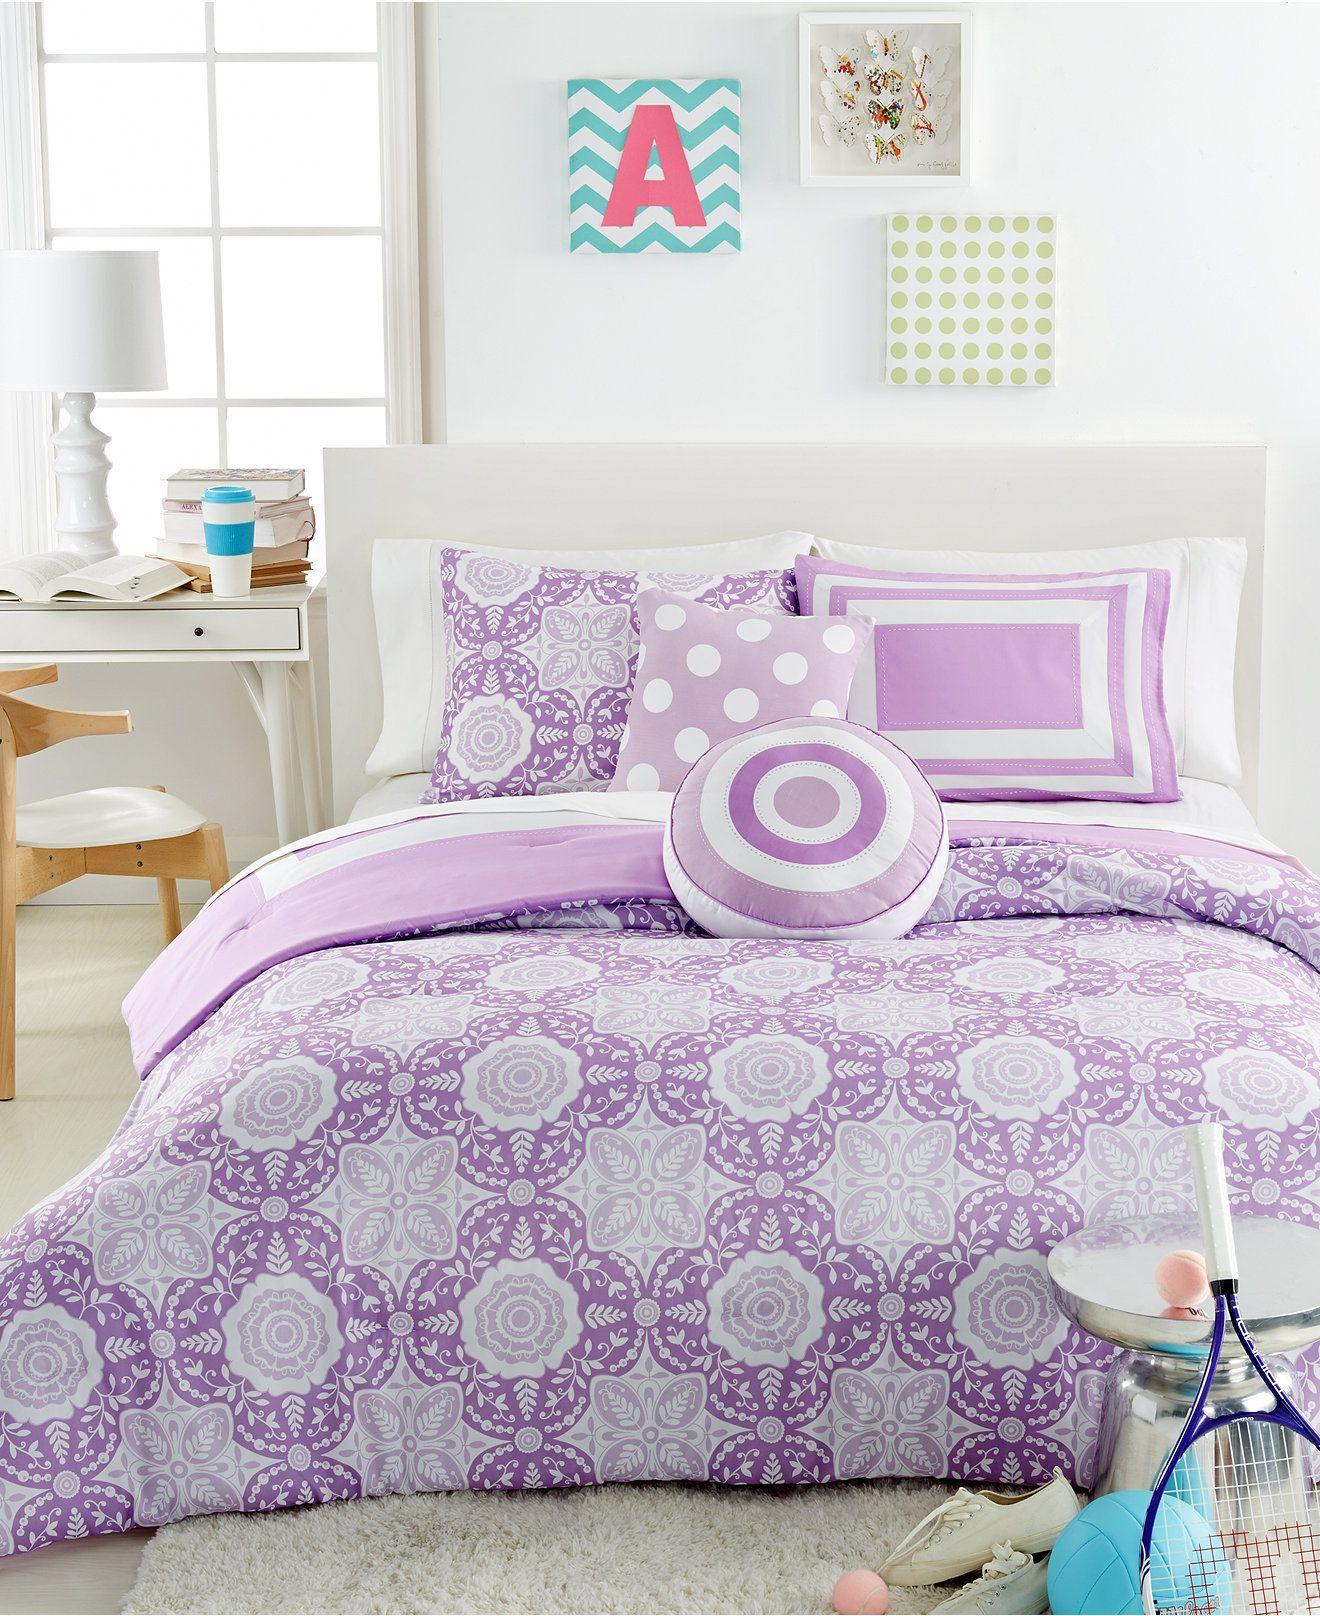 Lavender Medallion 5 Piece Comforter Sets Kids' Bedding